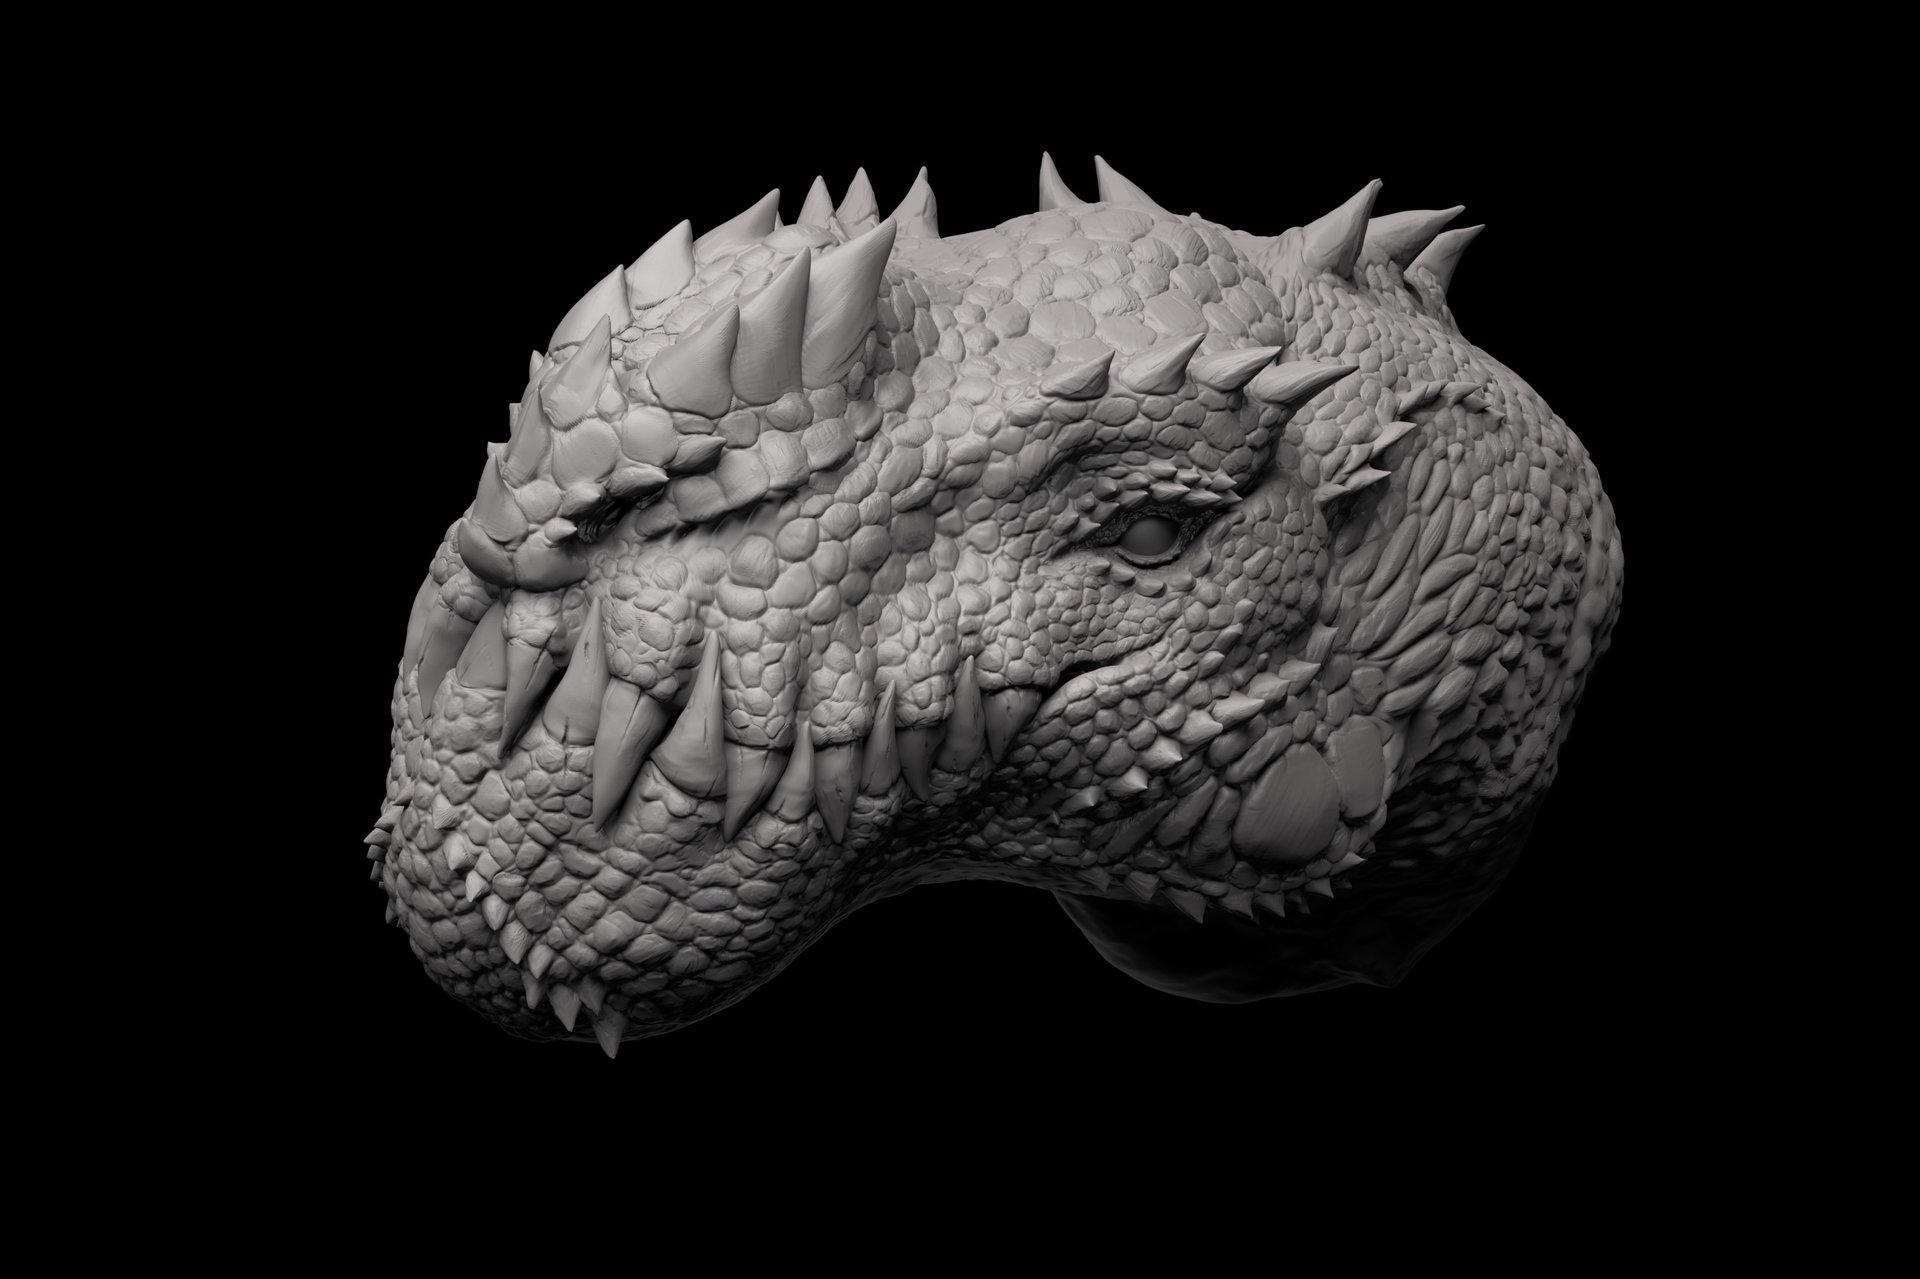 Jia hao 2015 09 cryosaurus sculpt 05